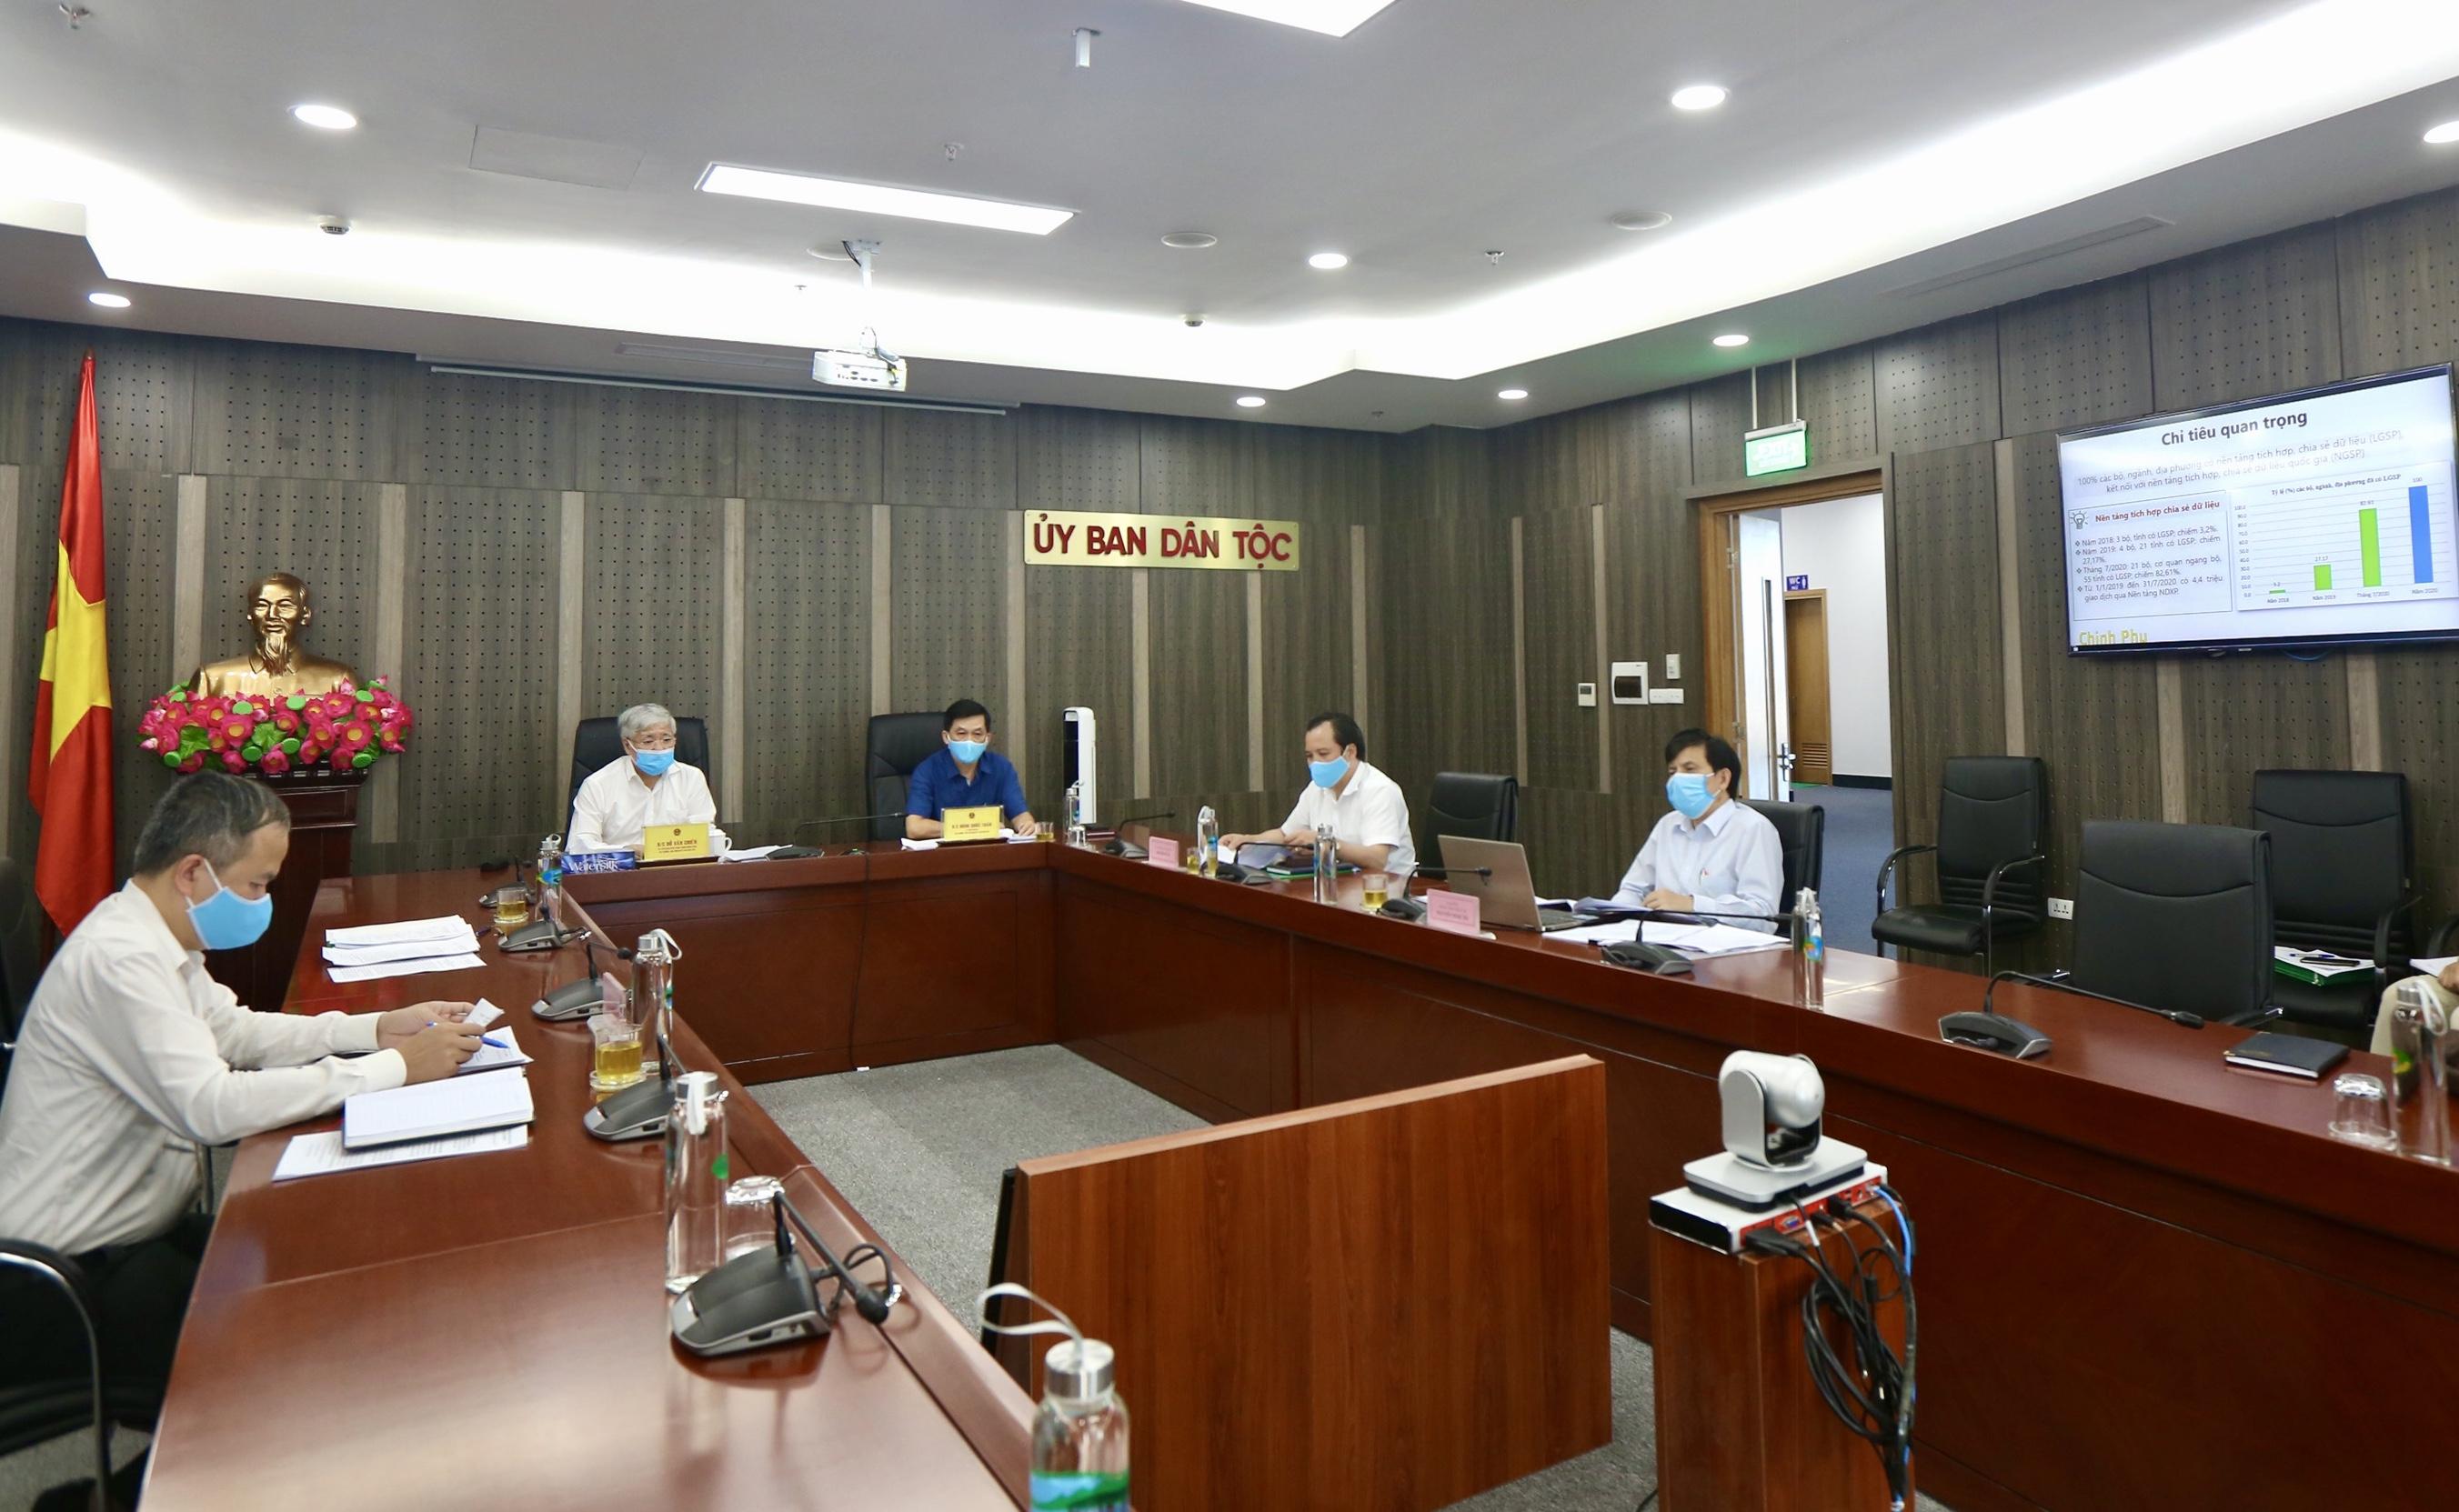 Bộ trưởng, Chủ nhiệm Đỗ Văn Chiến; Thứ trưởng, Phó Chủ nhiệm Nông Quốc Tuấn và các đại biểu tham dự Hội nghị tại điểm cầu Ủy ban Dân tộc.